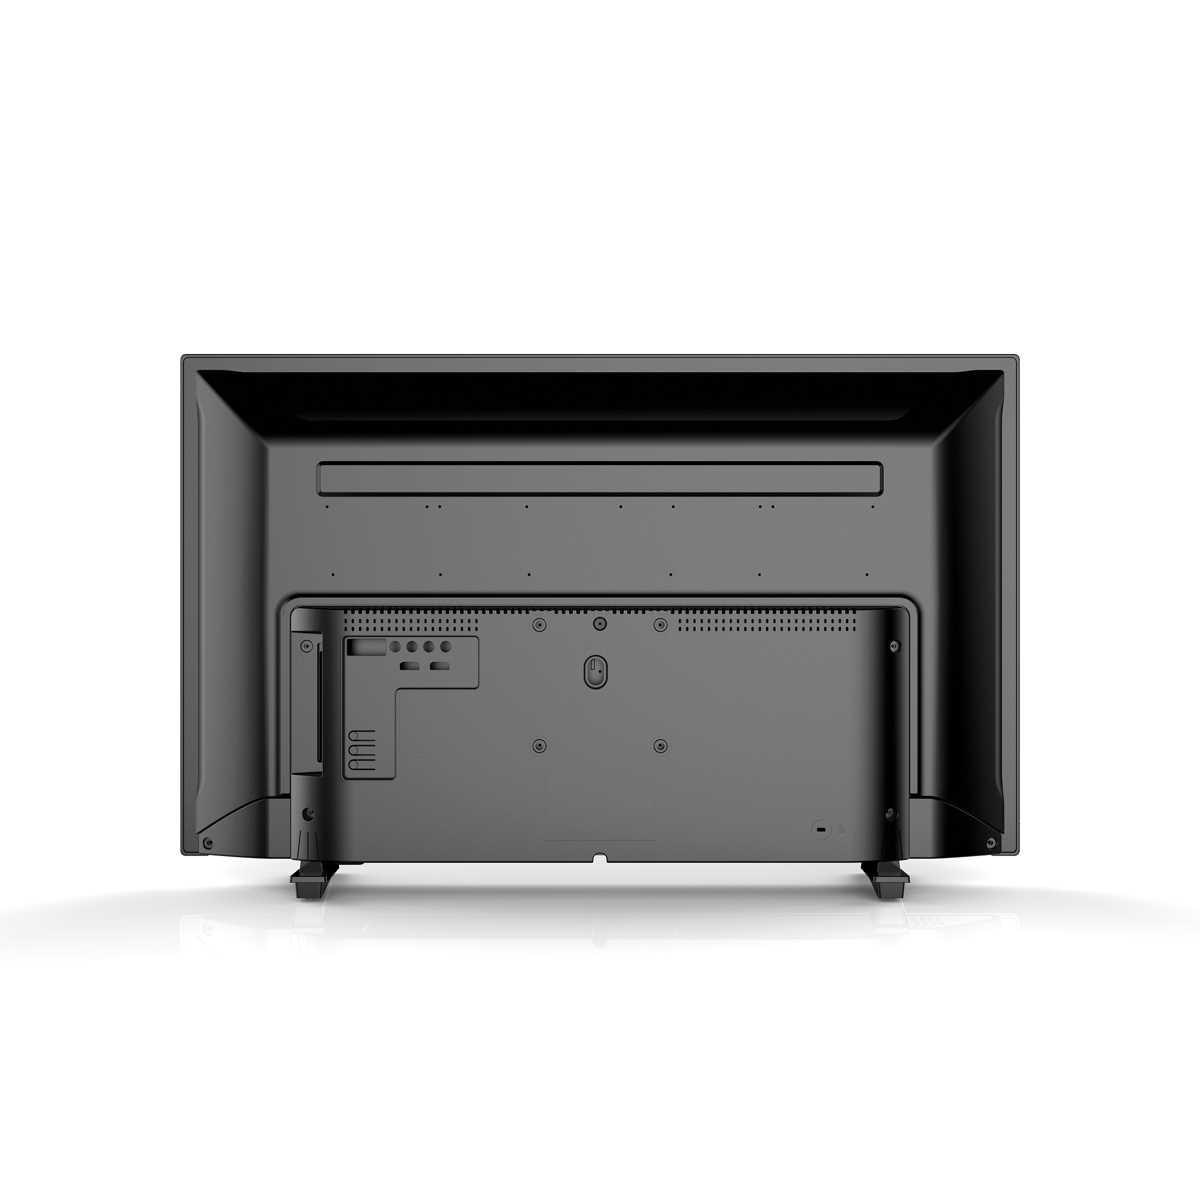 טלוויזיה Toshiba 32L2800 32 אינטש טושיבה - תמונה 3